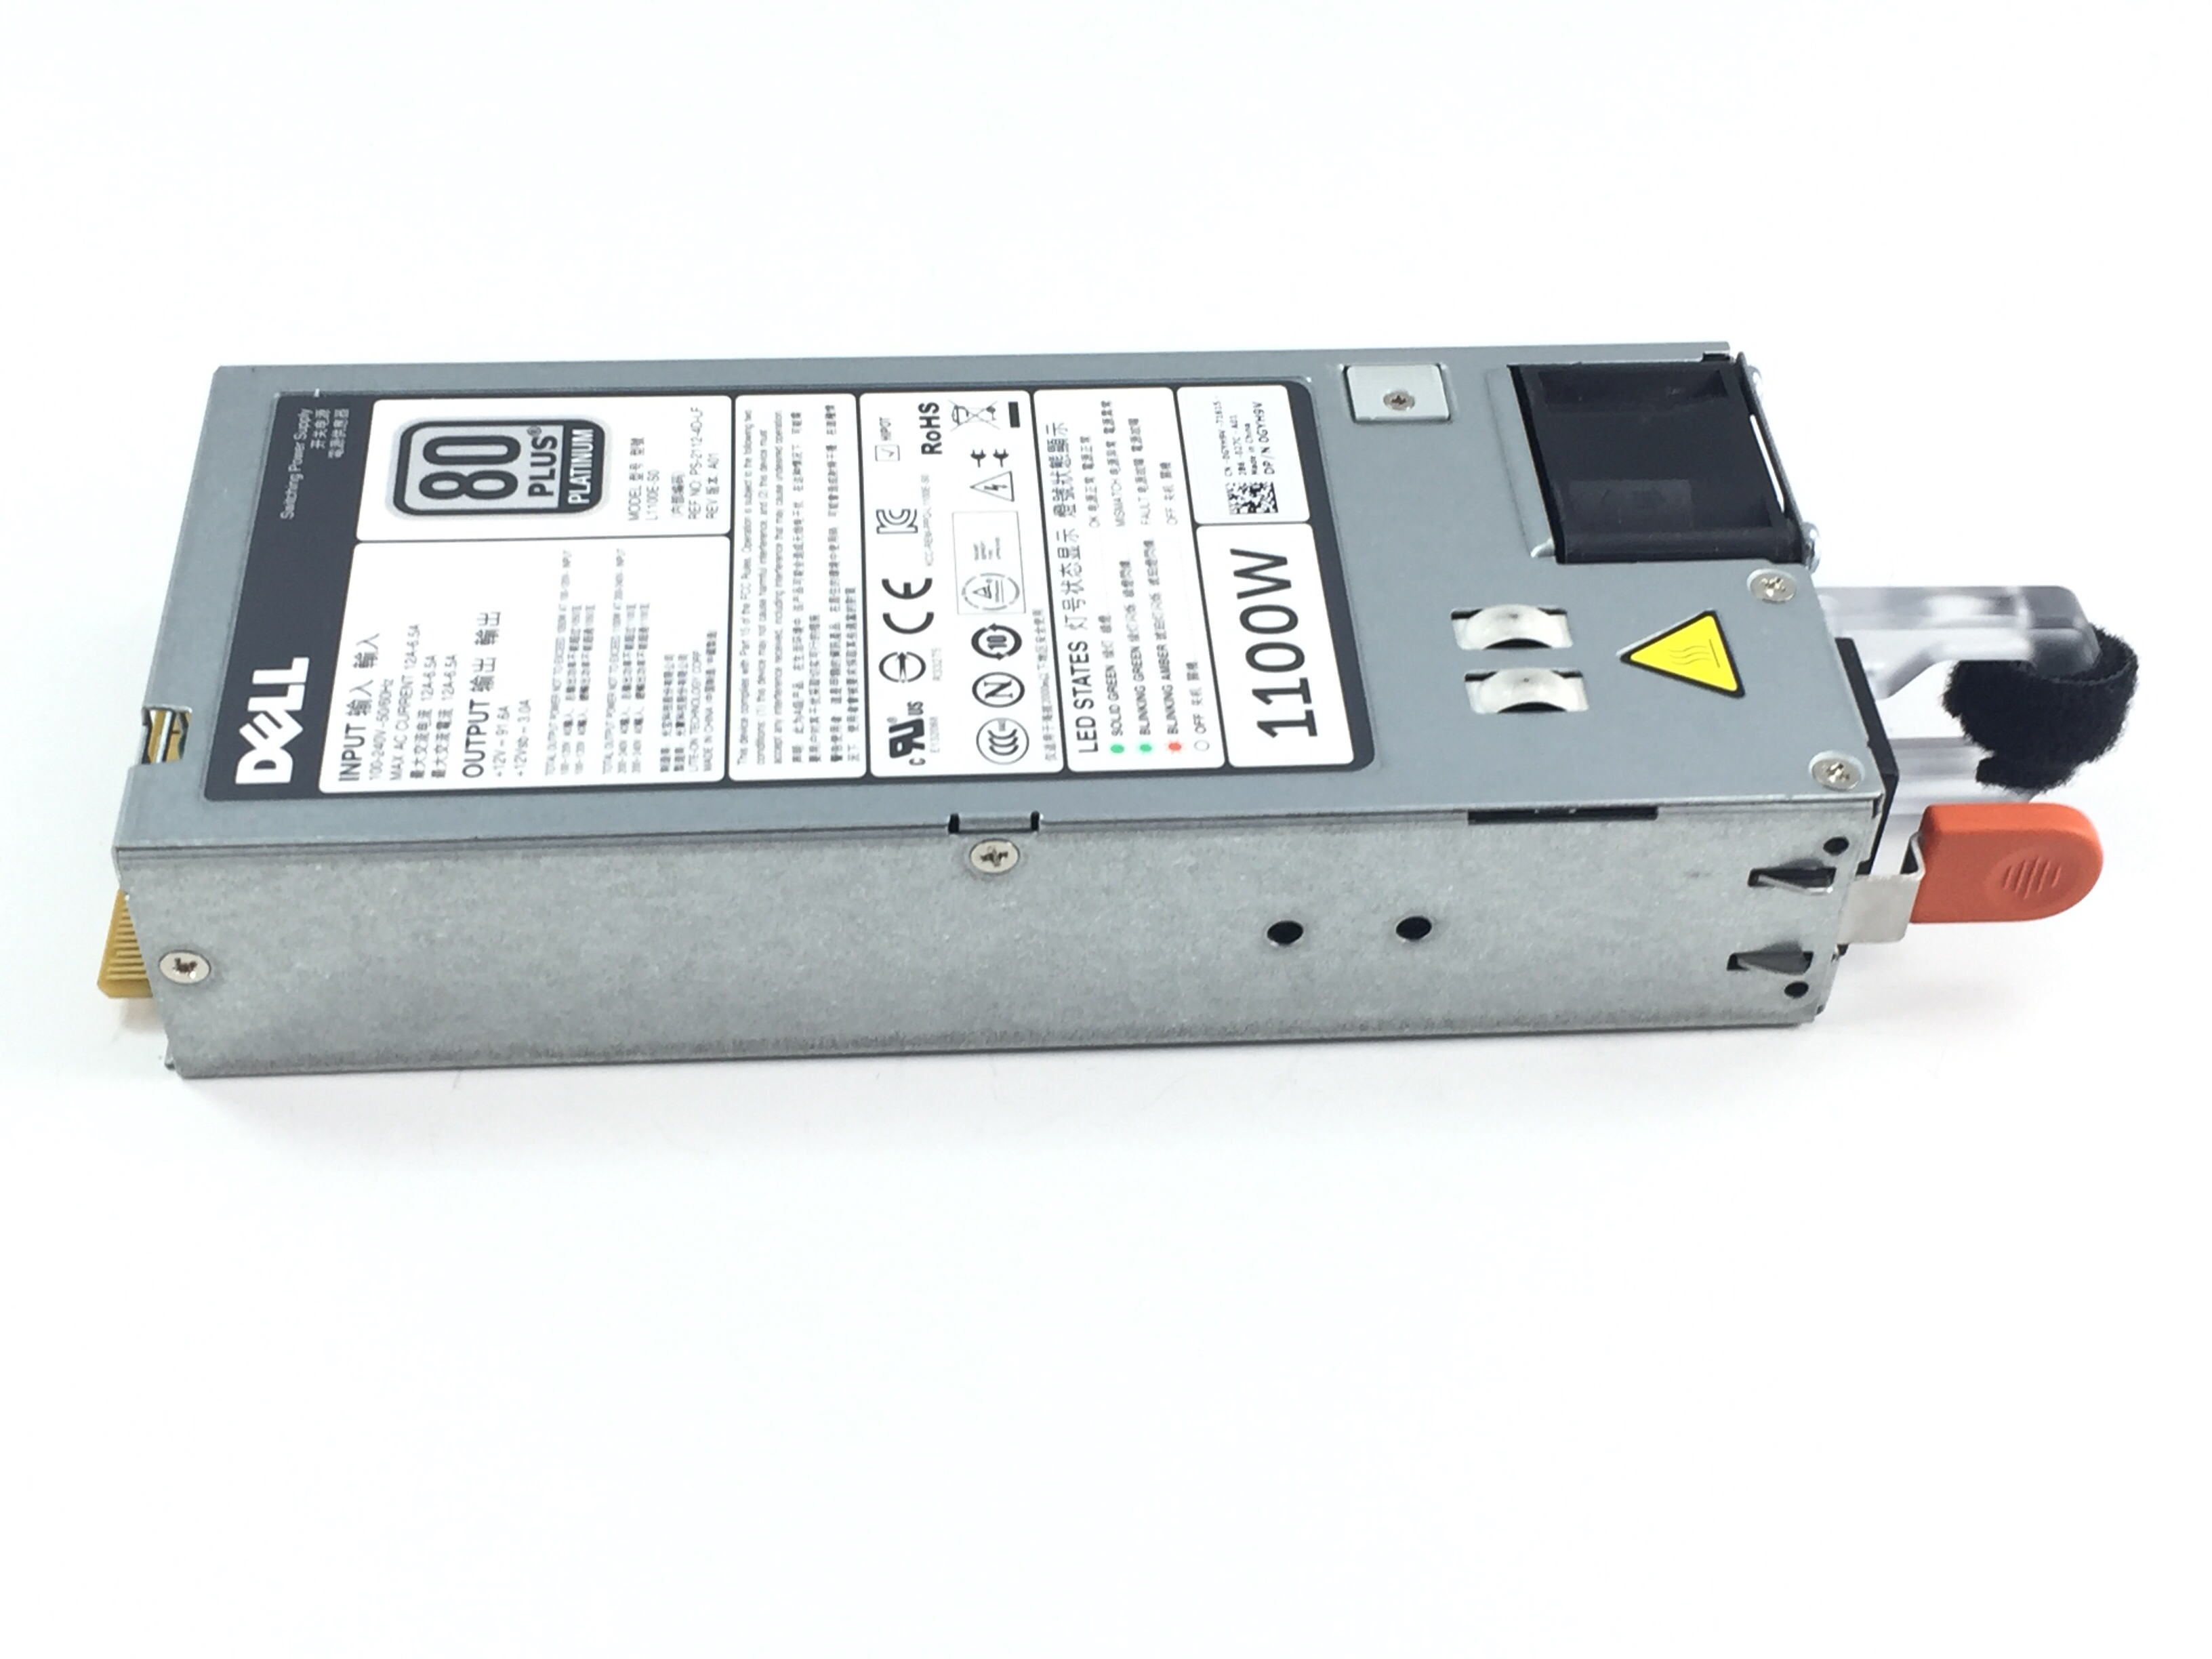 DELL 1100W POWER SUPPLY FOR POWERDEDGE R620 R720 (GYH9V)